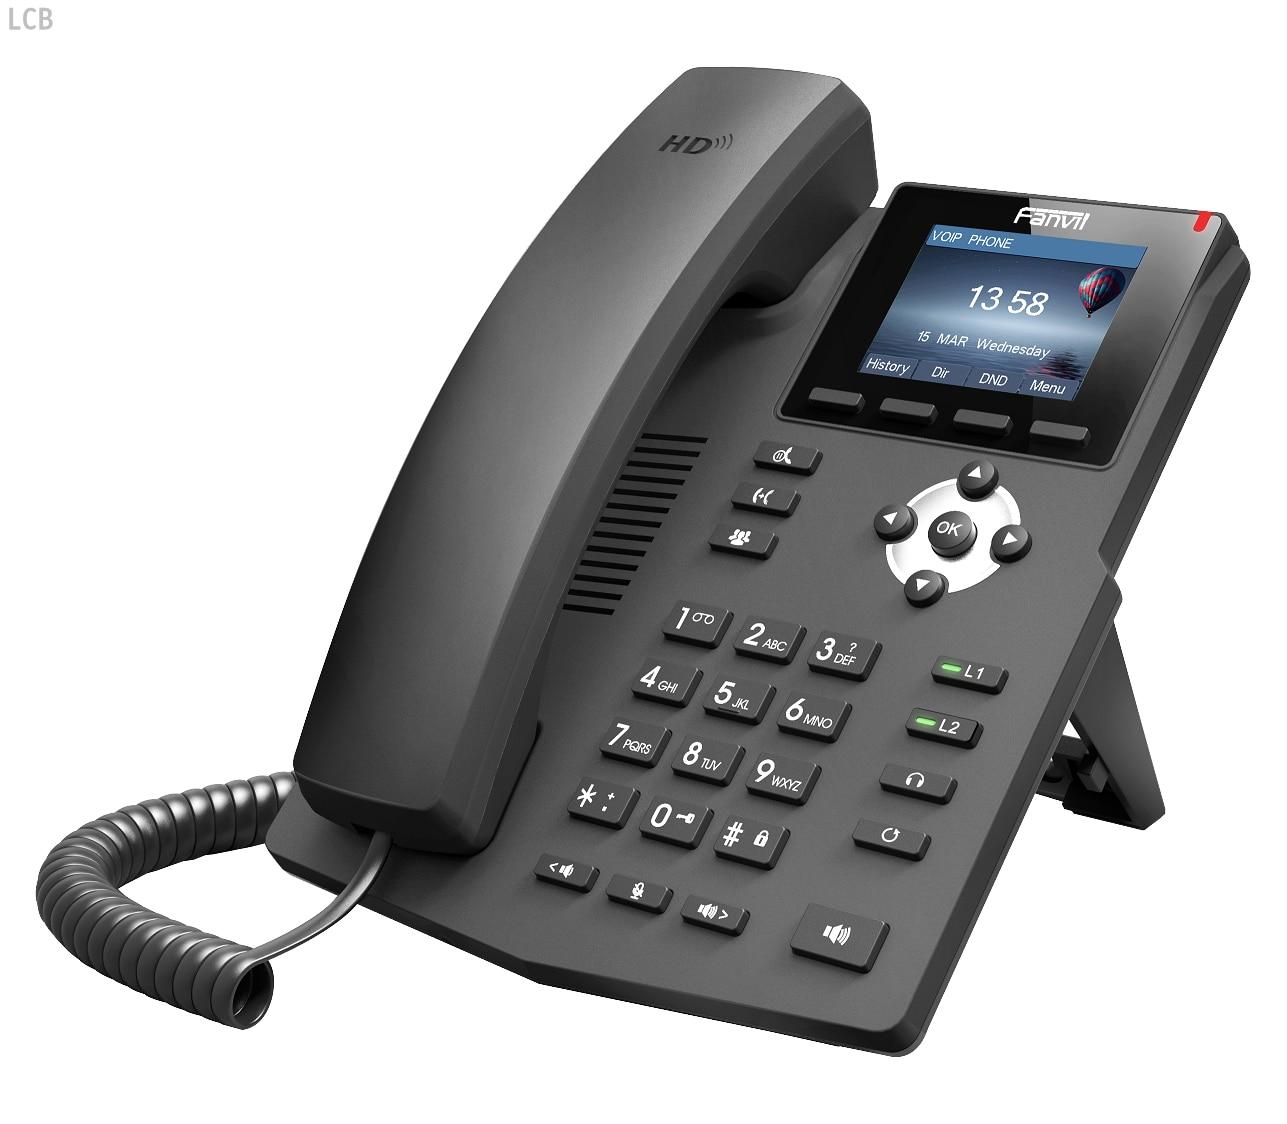 Fanvil X3S IP Phone SOHOIP Phone Industry Telephone 2 SIP Lines HD Voice POE Enabled Headphone Smart Deskphone